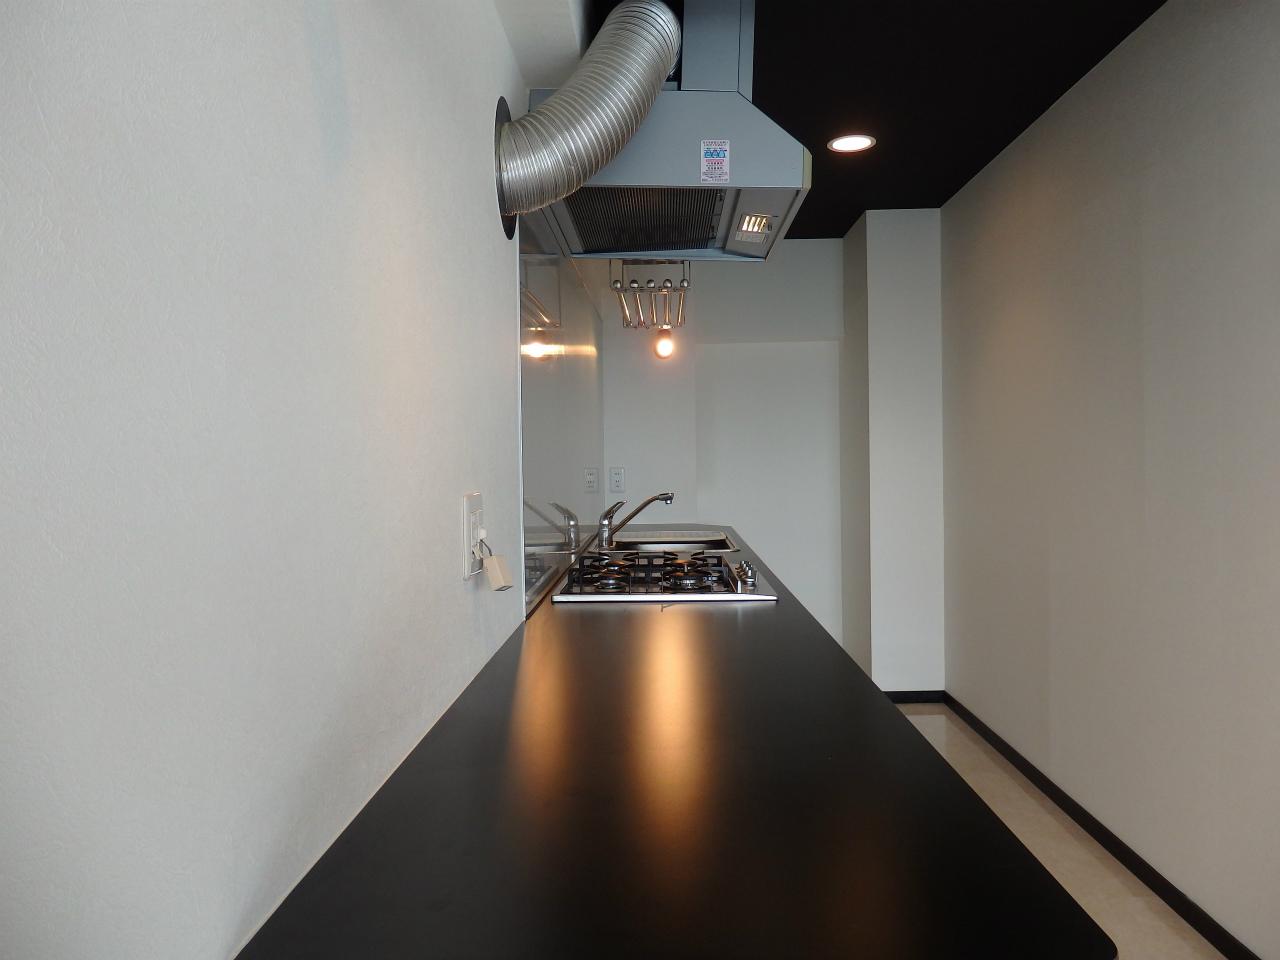 ポイントはこのステンレスのキッチン。幅広でながーい、このカウンターをどう使いましょう?食事をするのもいいけれど、パソコンなどの作業をするスペースにしてしまってもいいかもしれません。